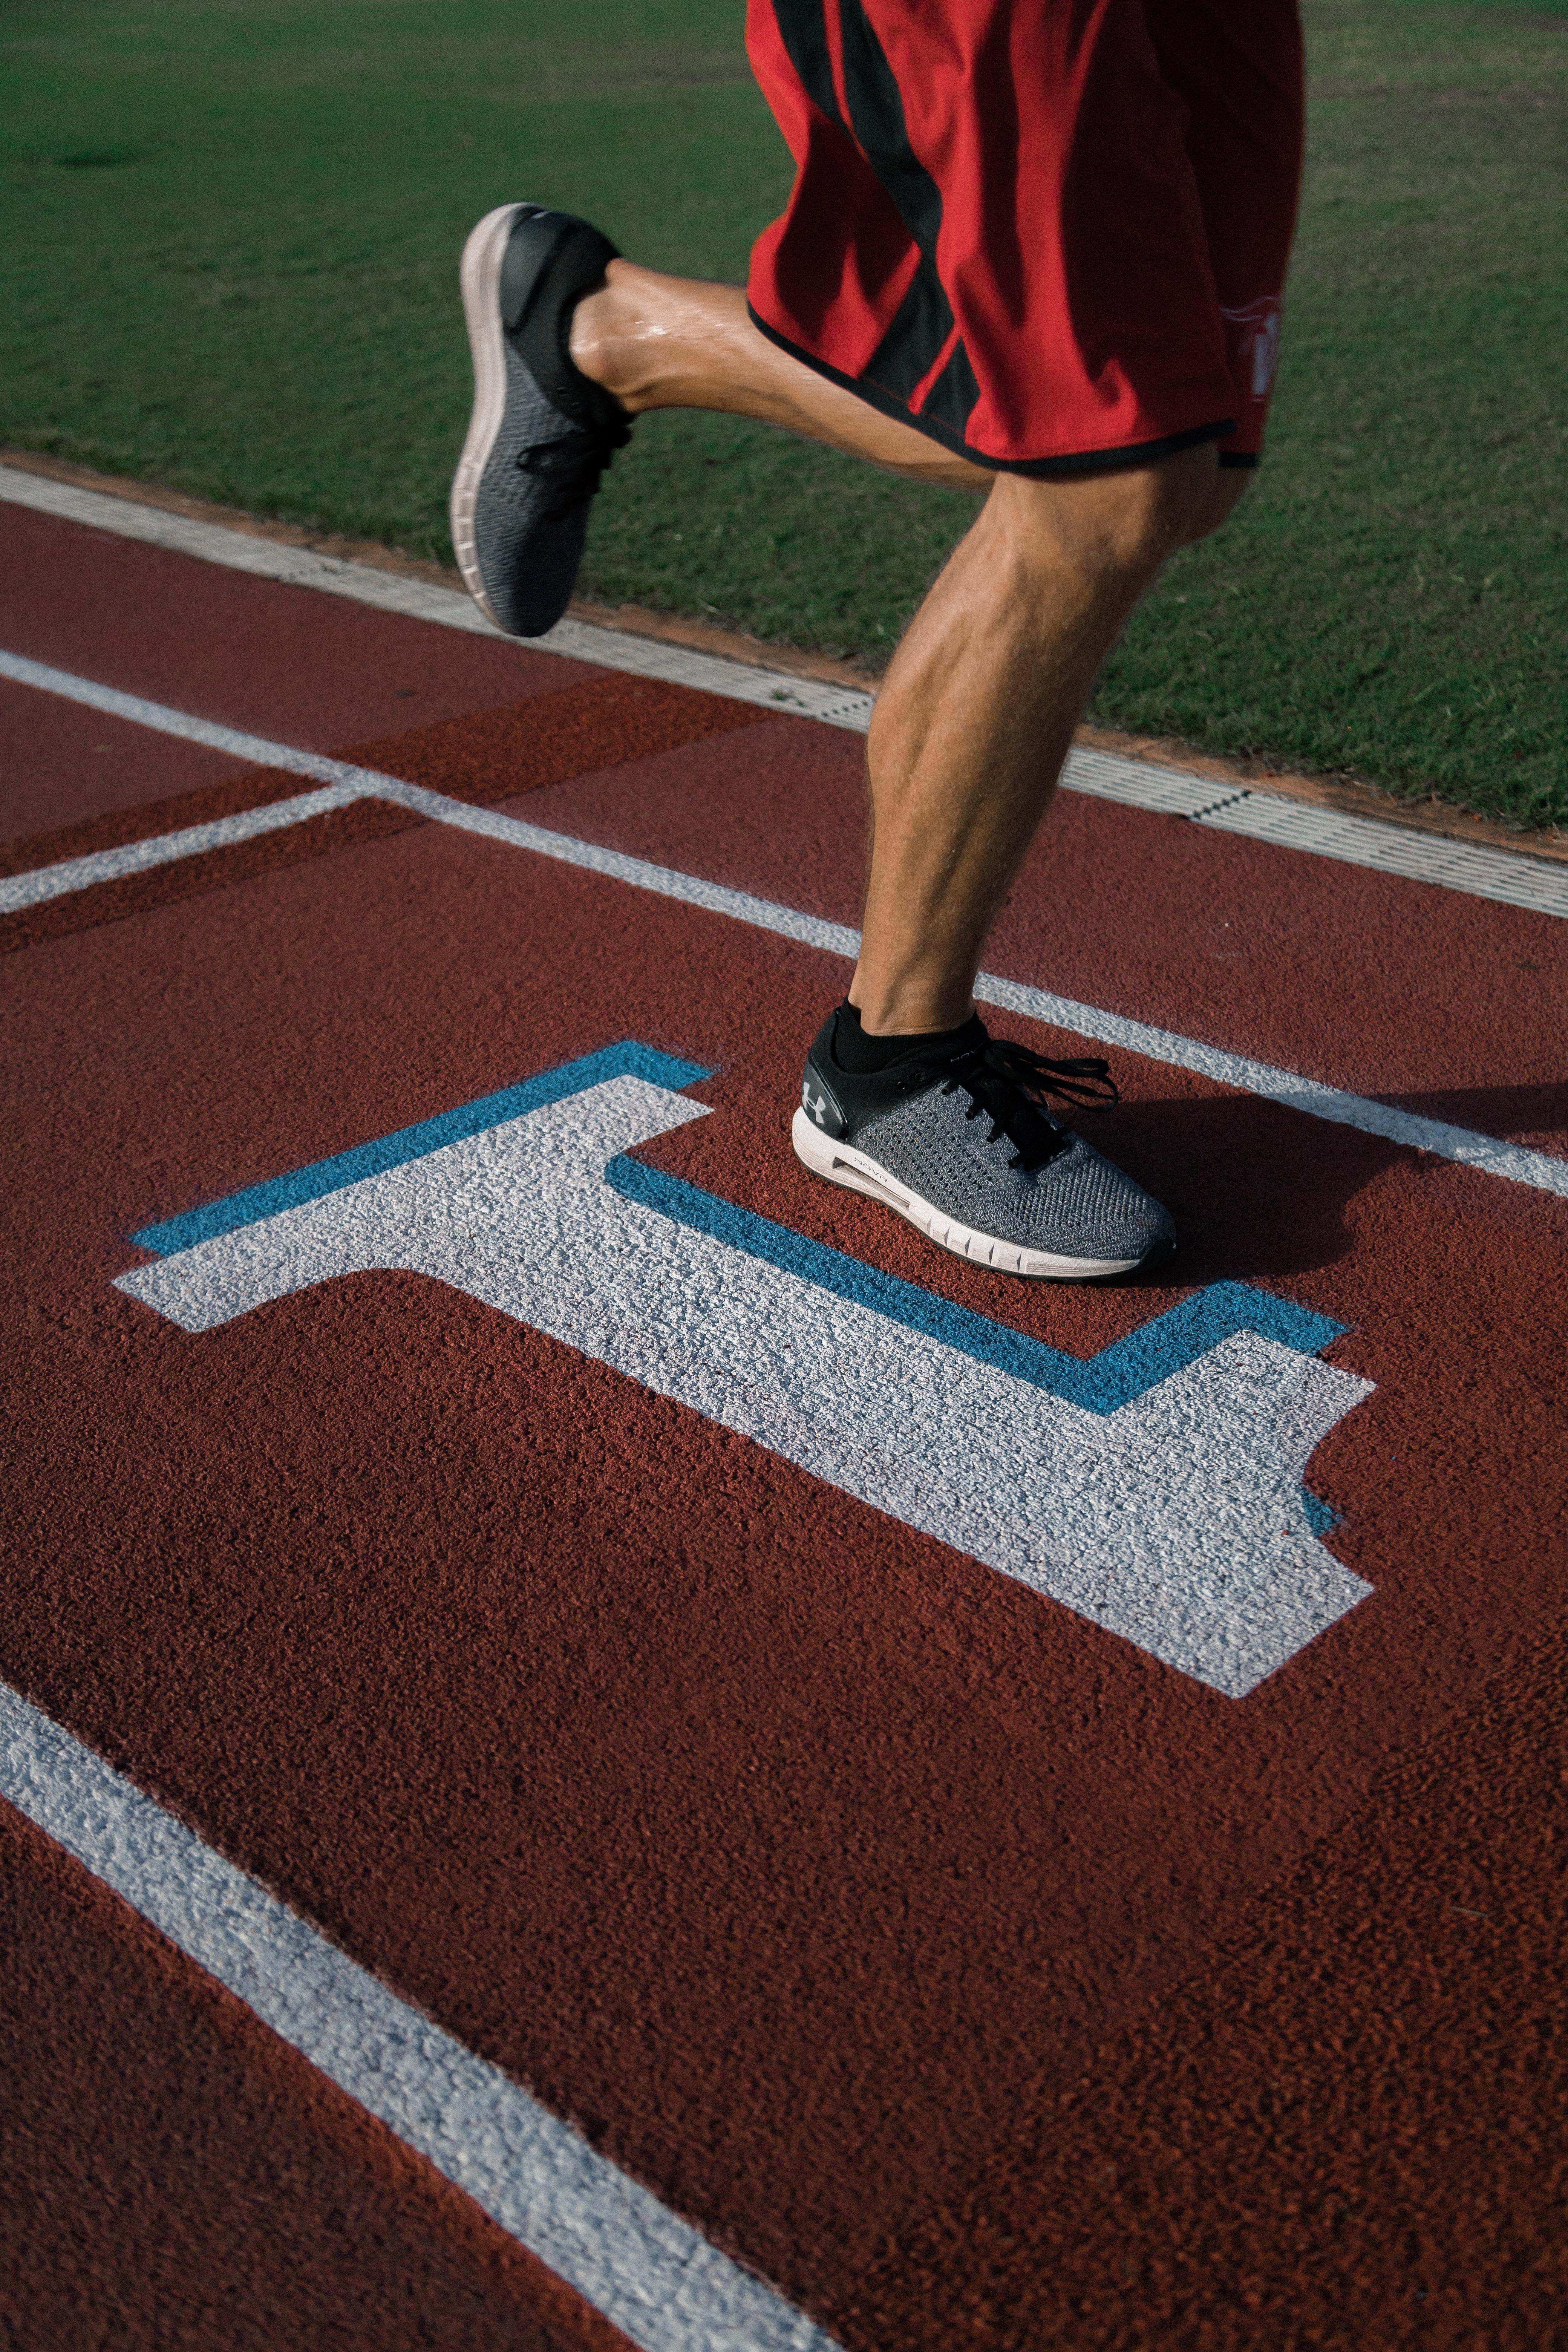 comment réussir ta préparation physique